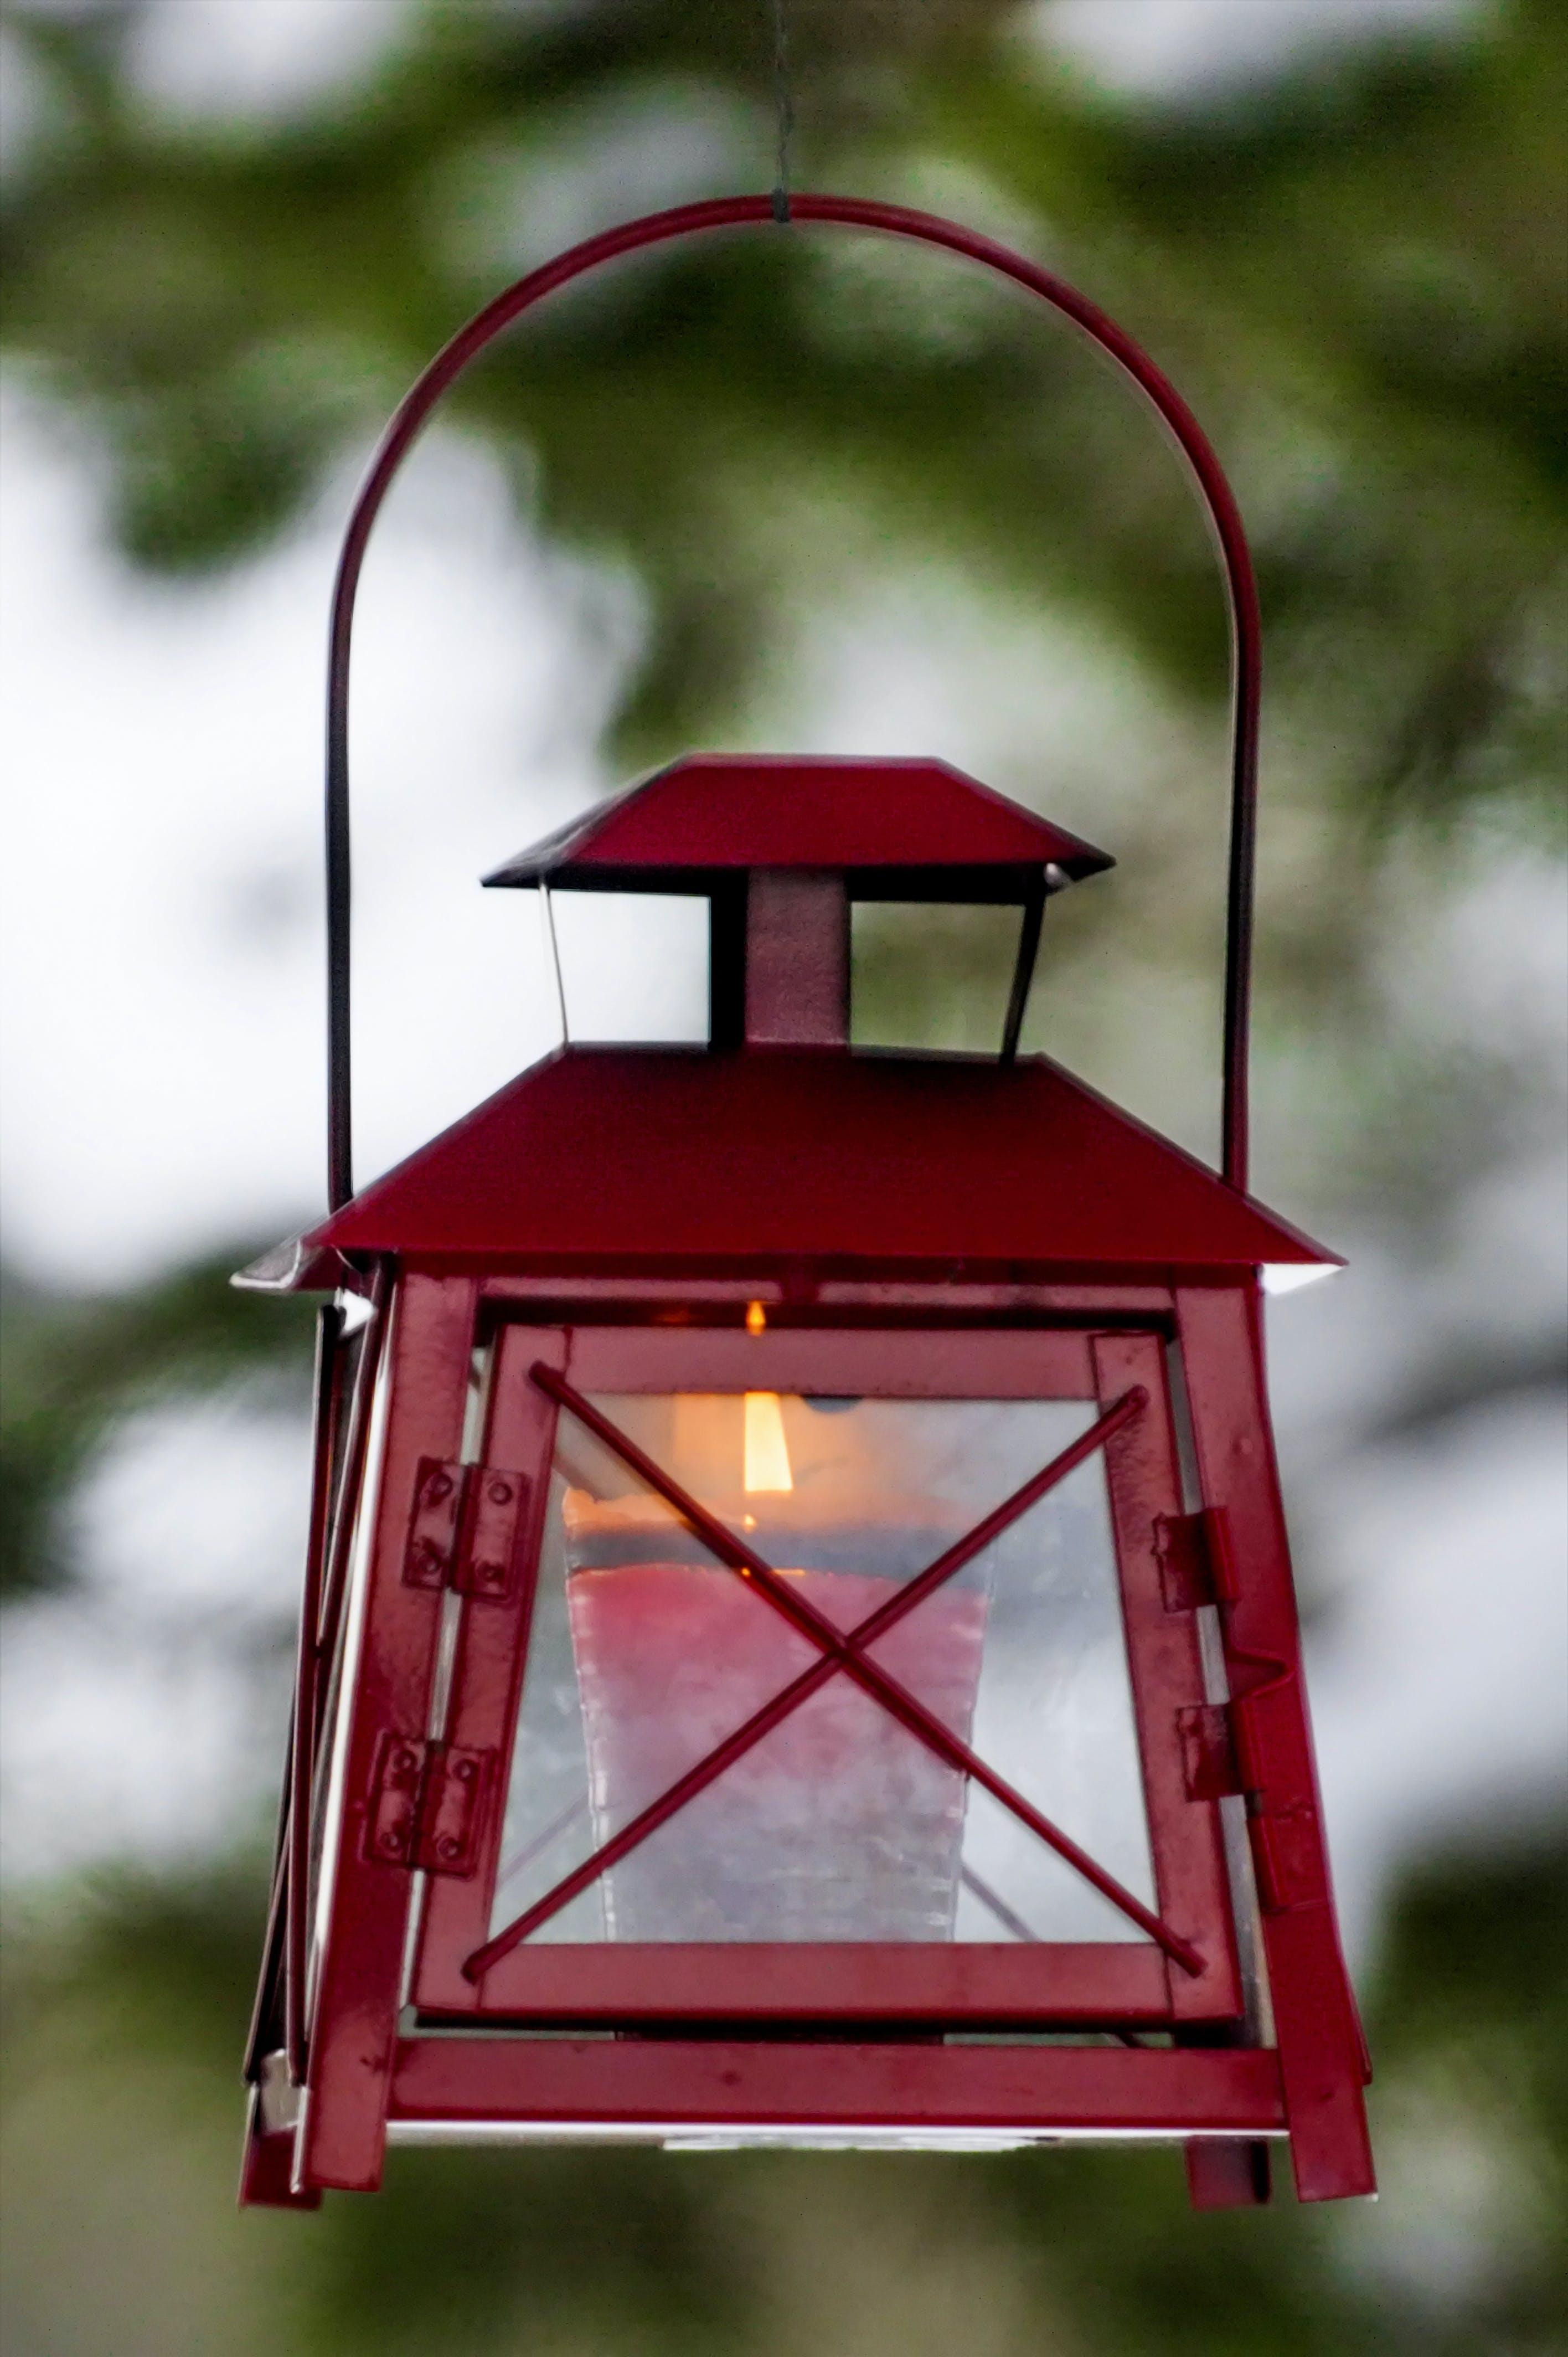 Gratis lagerfoto af lanterne, levende lys, lys, stearinlys